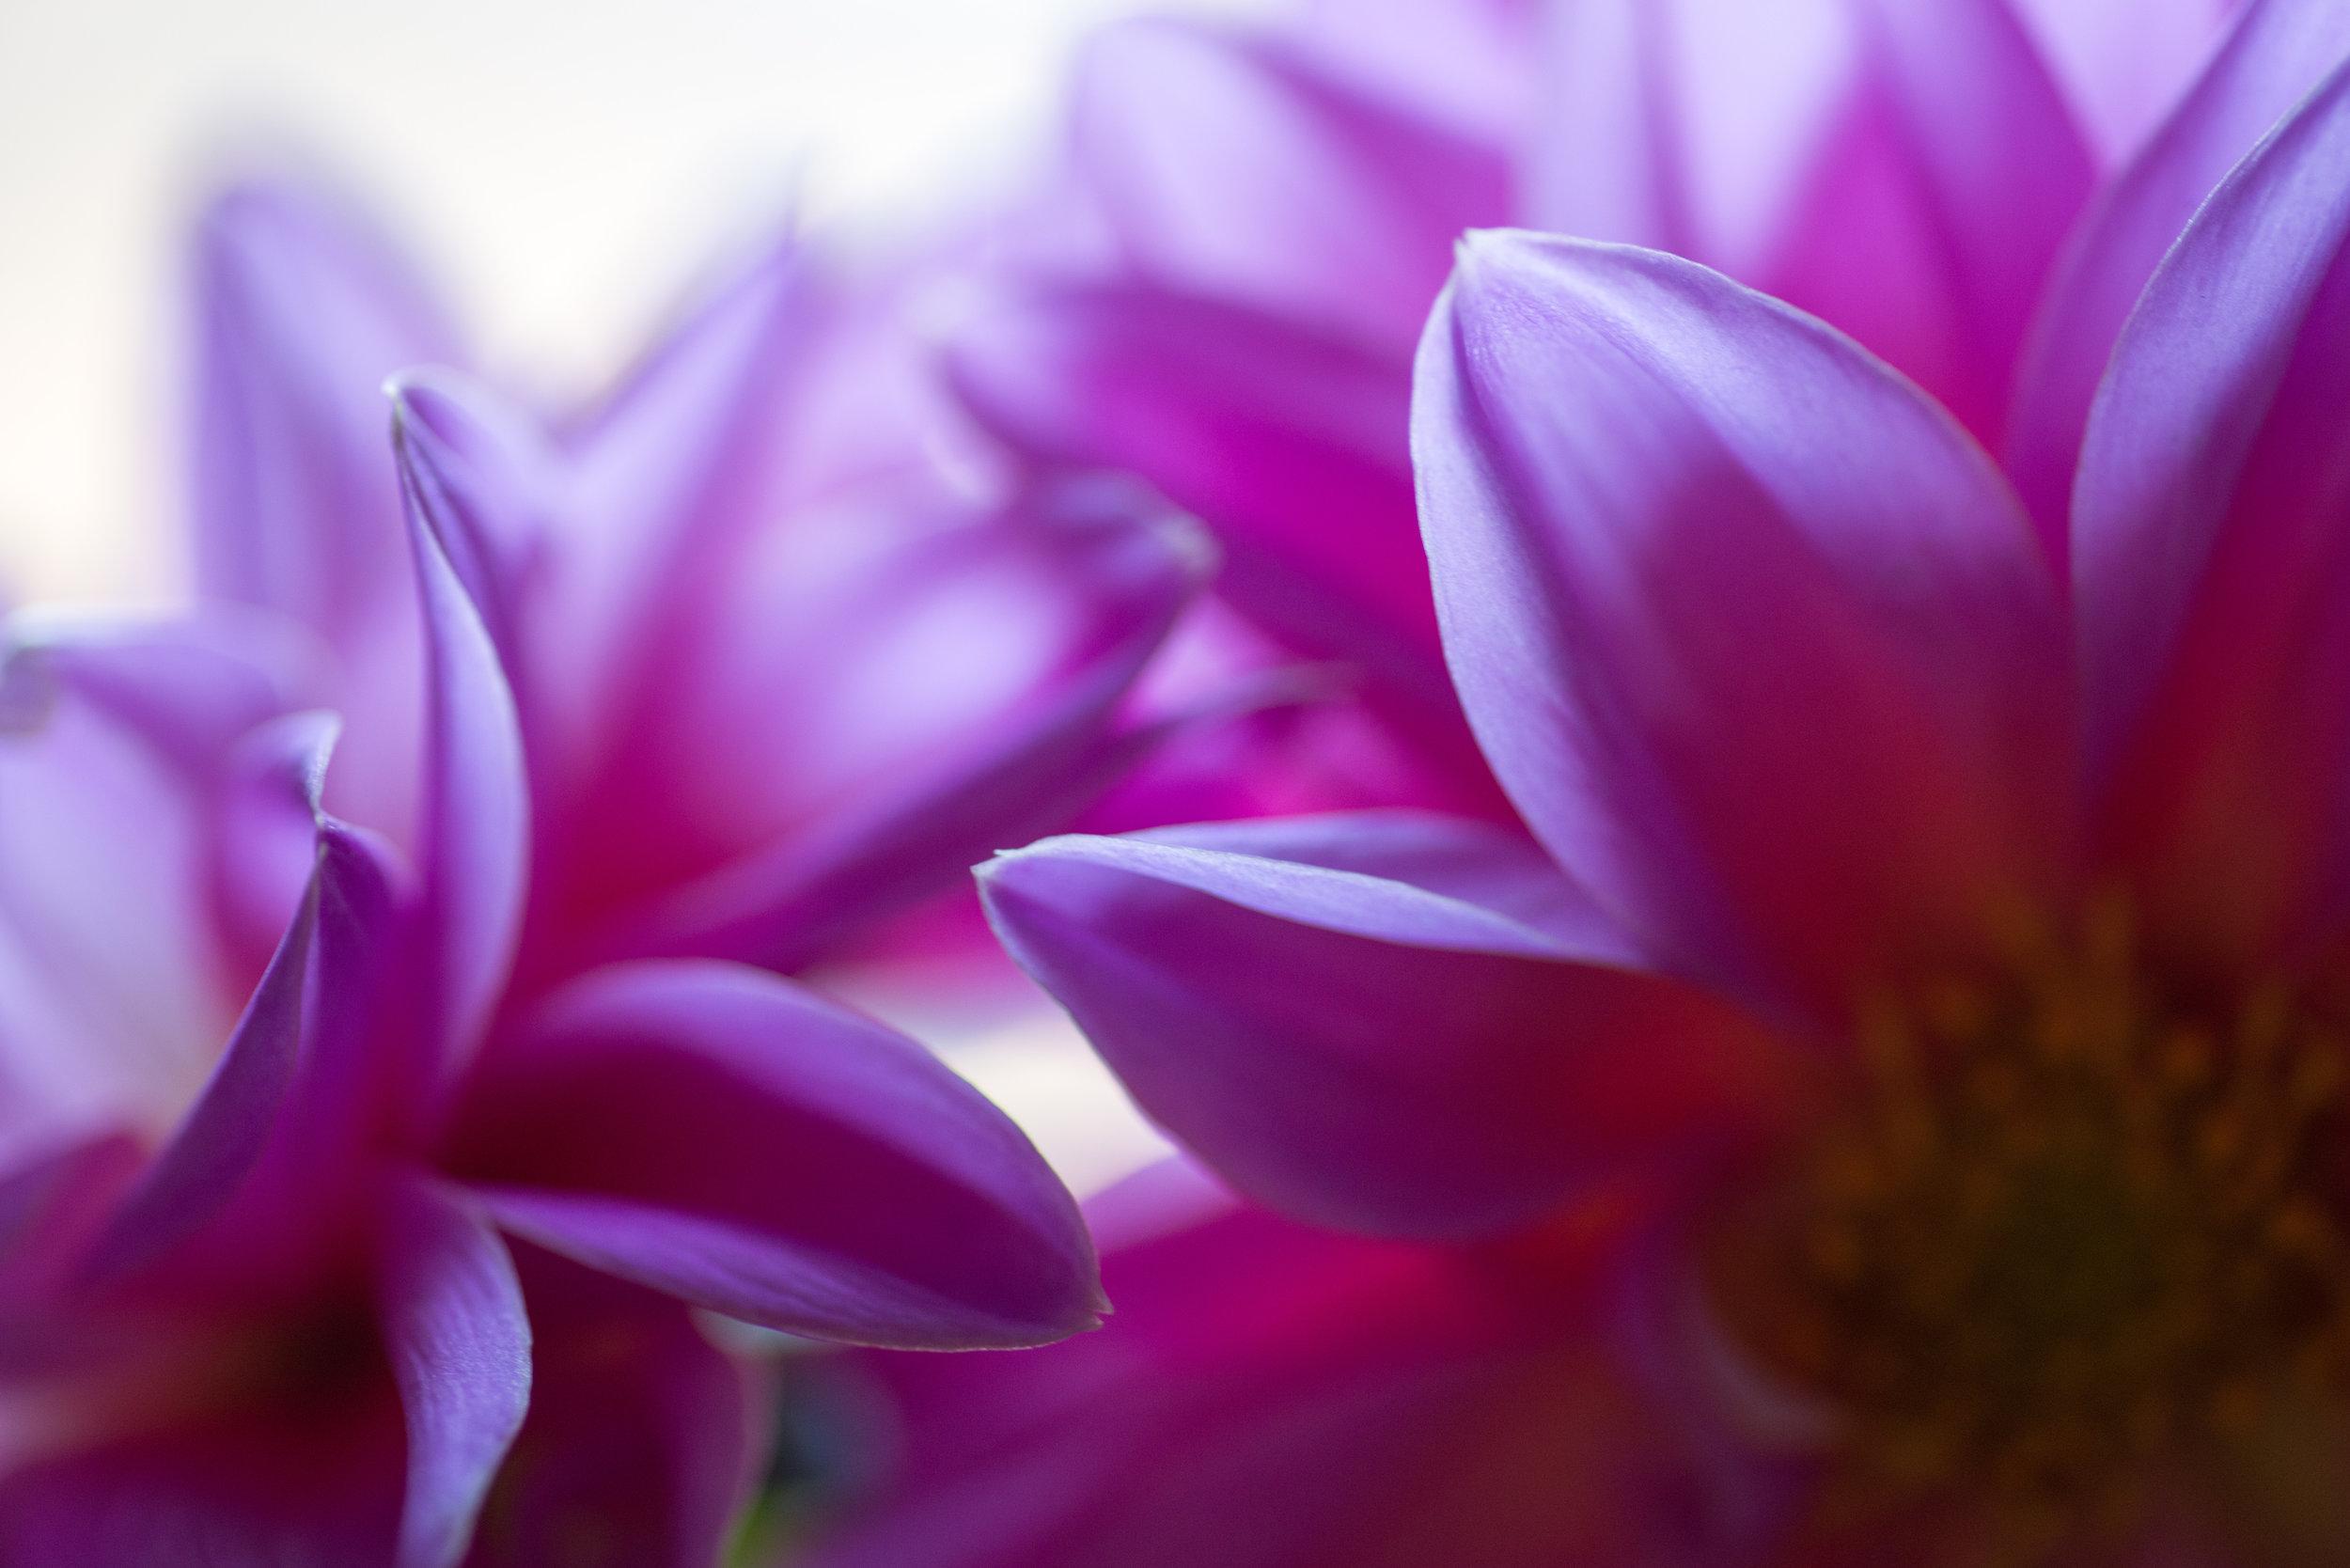 blossom_closeup.jpg